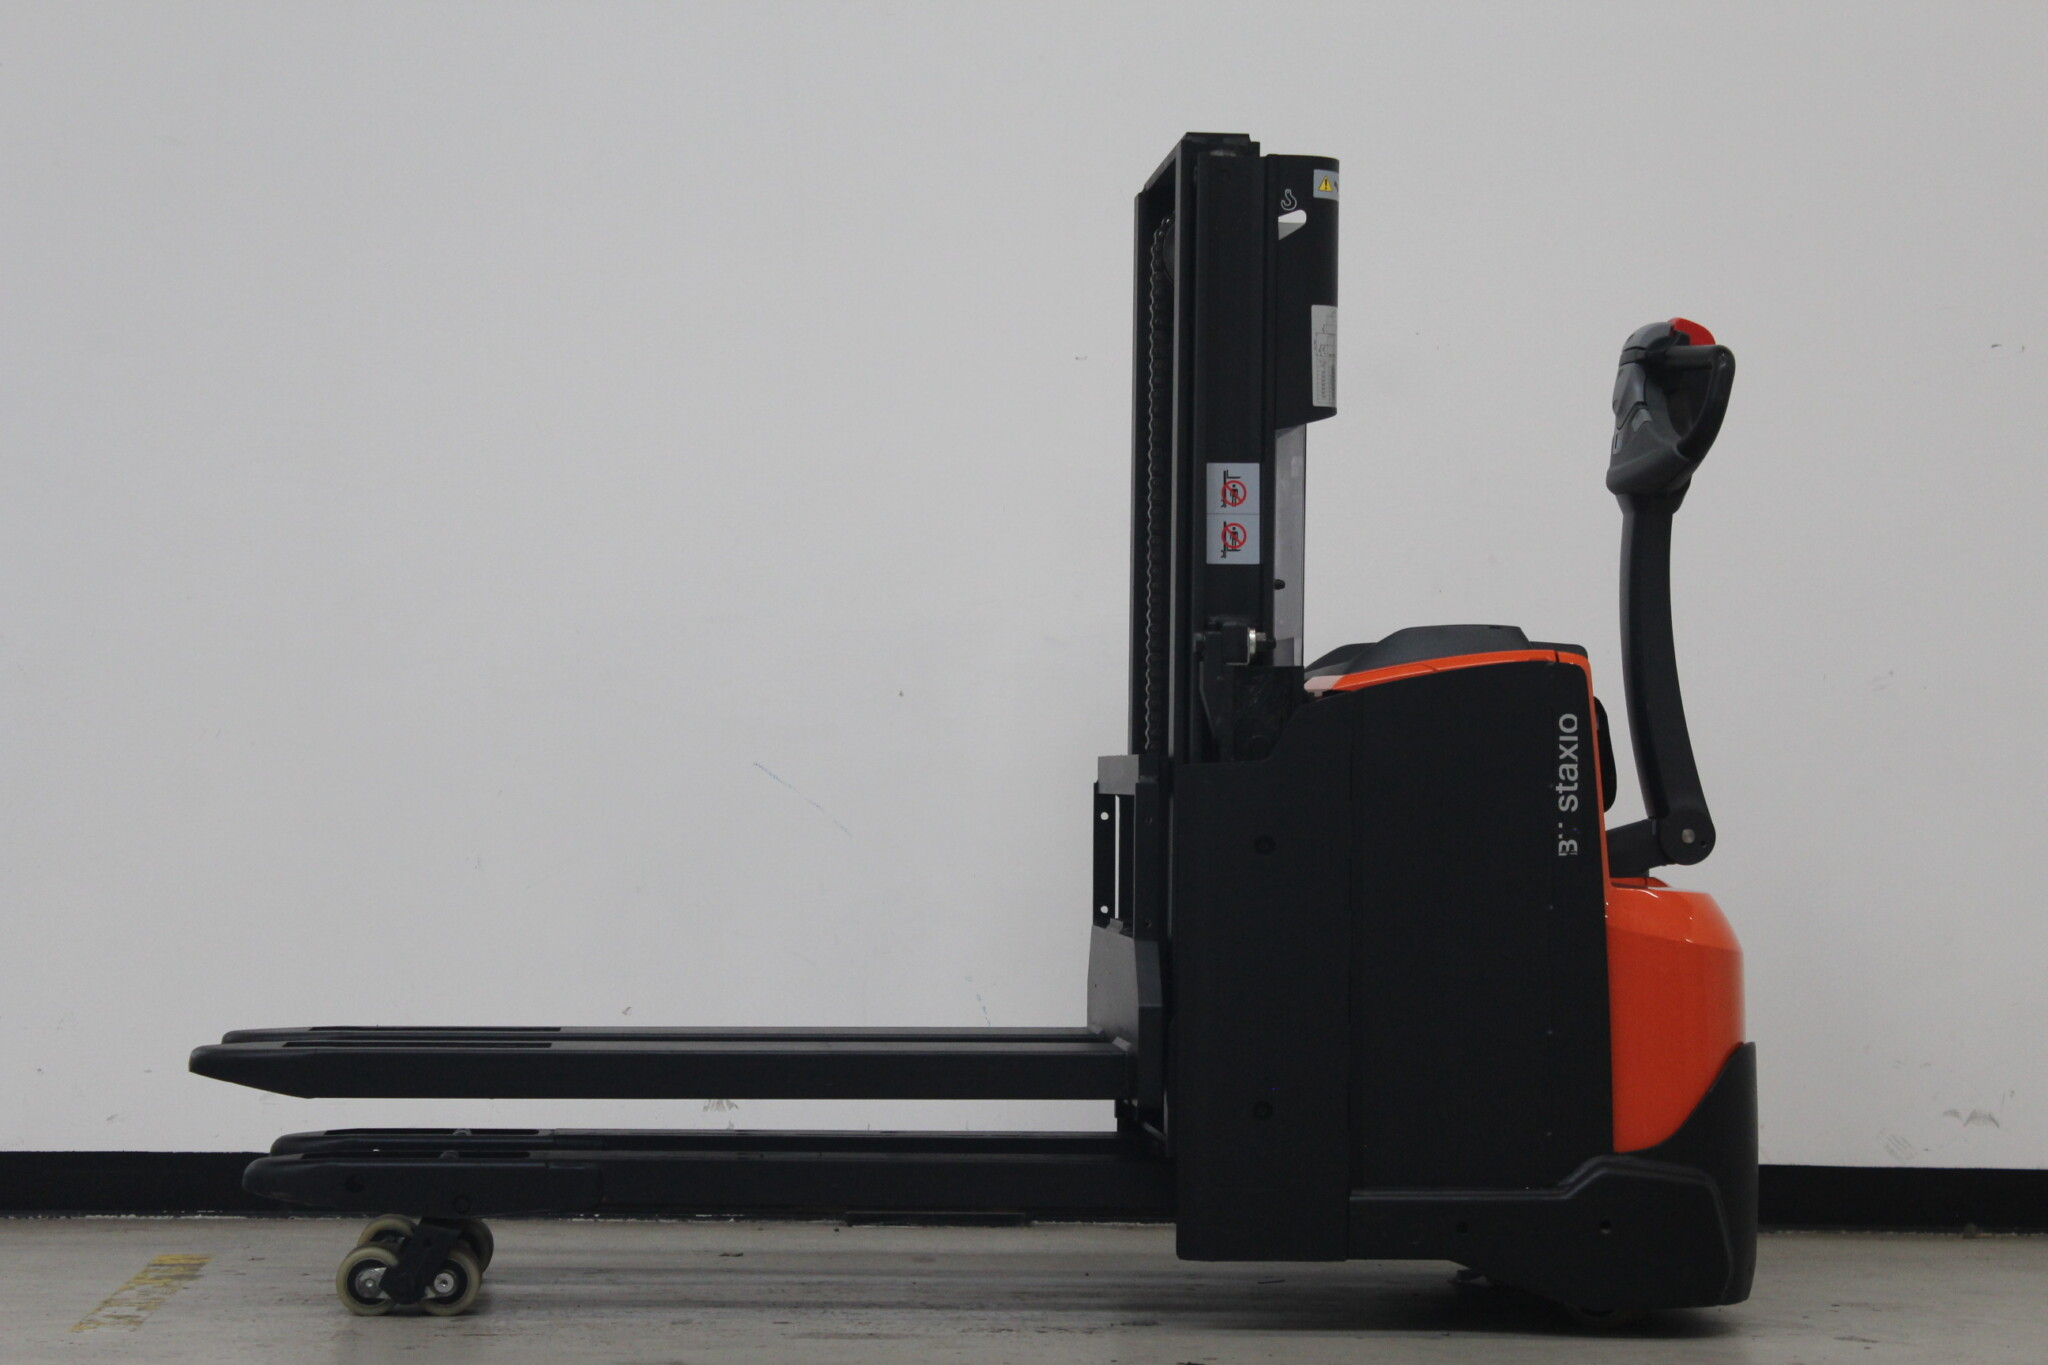 Toyota-Gabelstapler-59840 1912017493 1 scaled